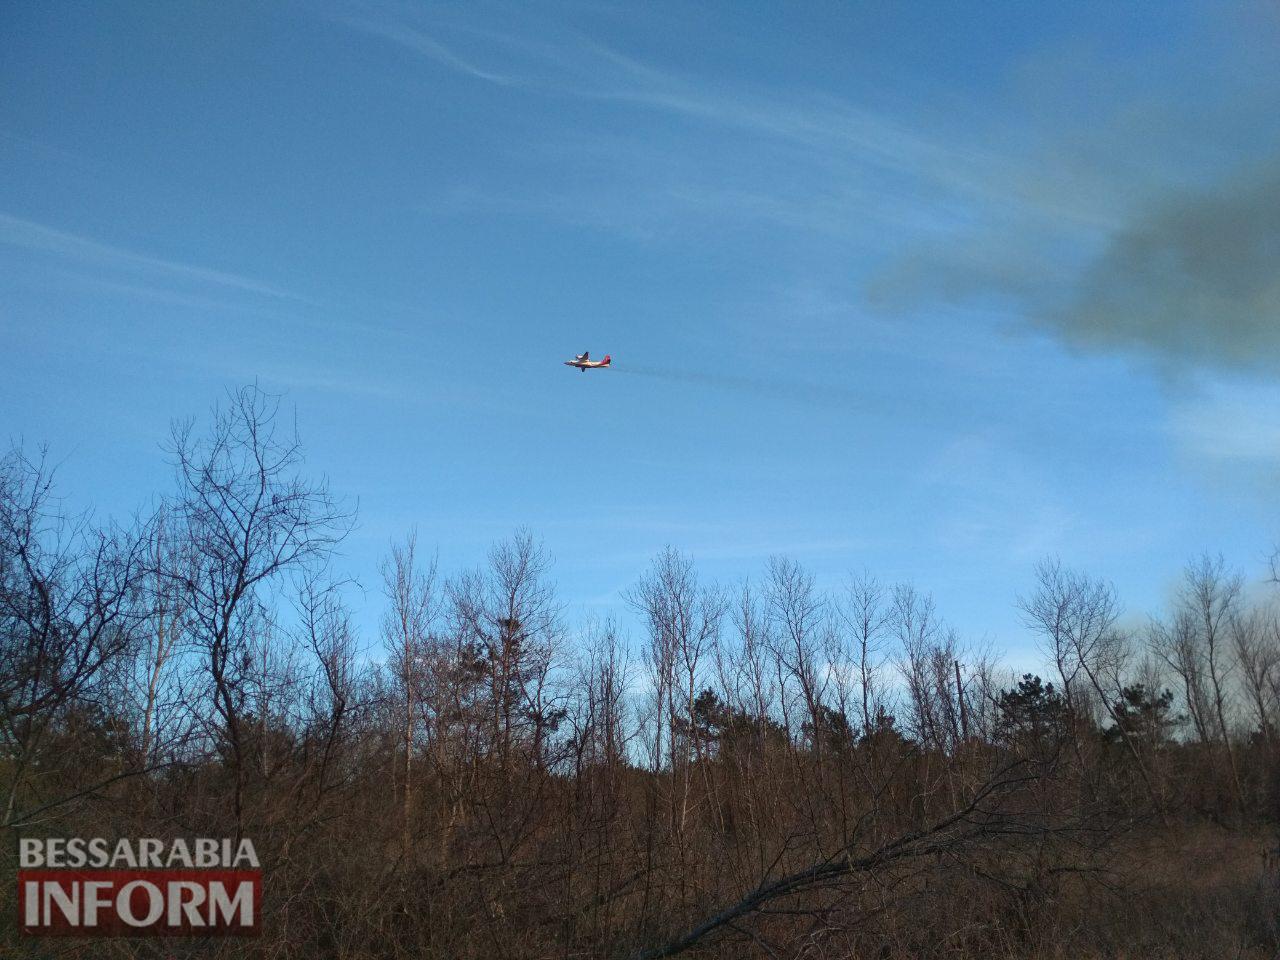 Из-за сильного задымления от пожара в Вилковском лесничестве полиция перекрыла автодорогу Т-1607